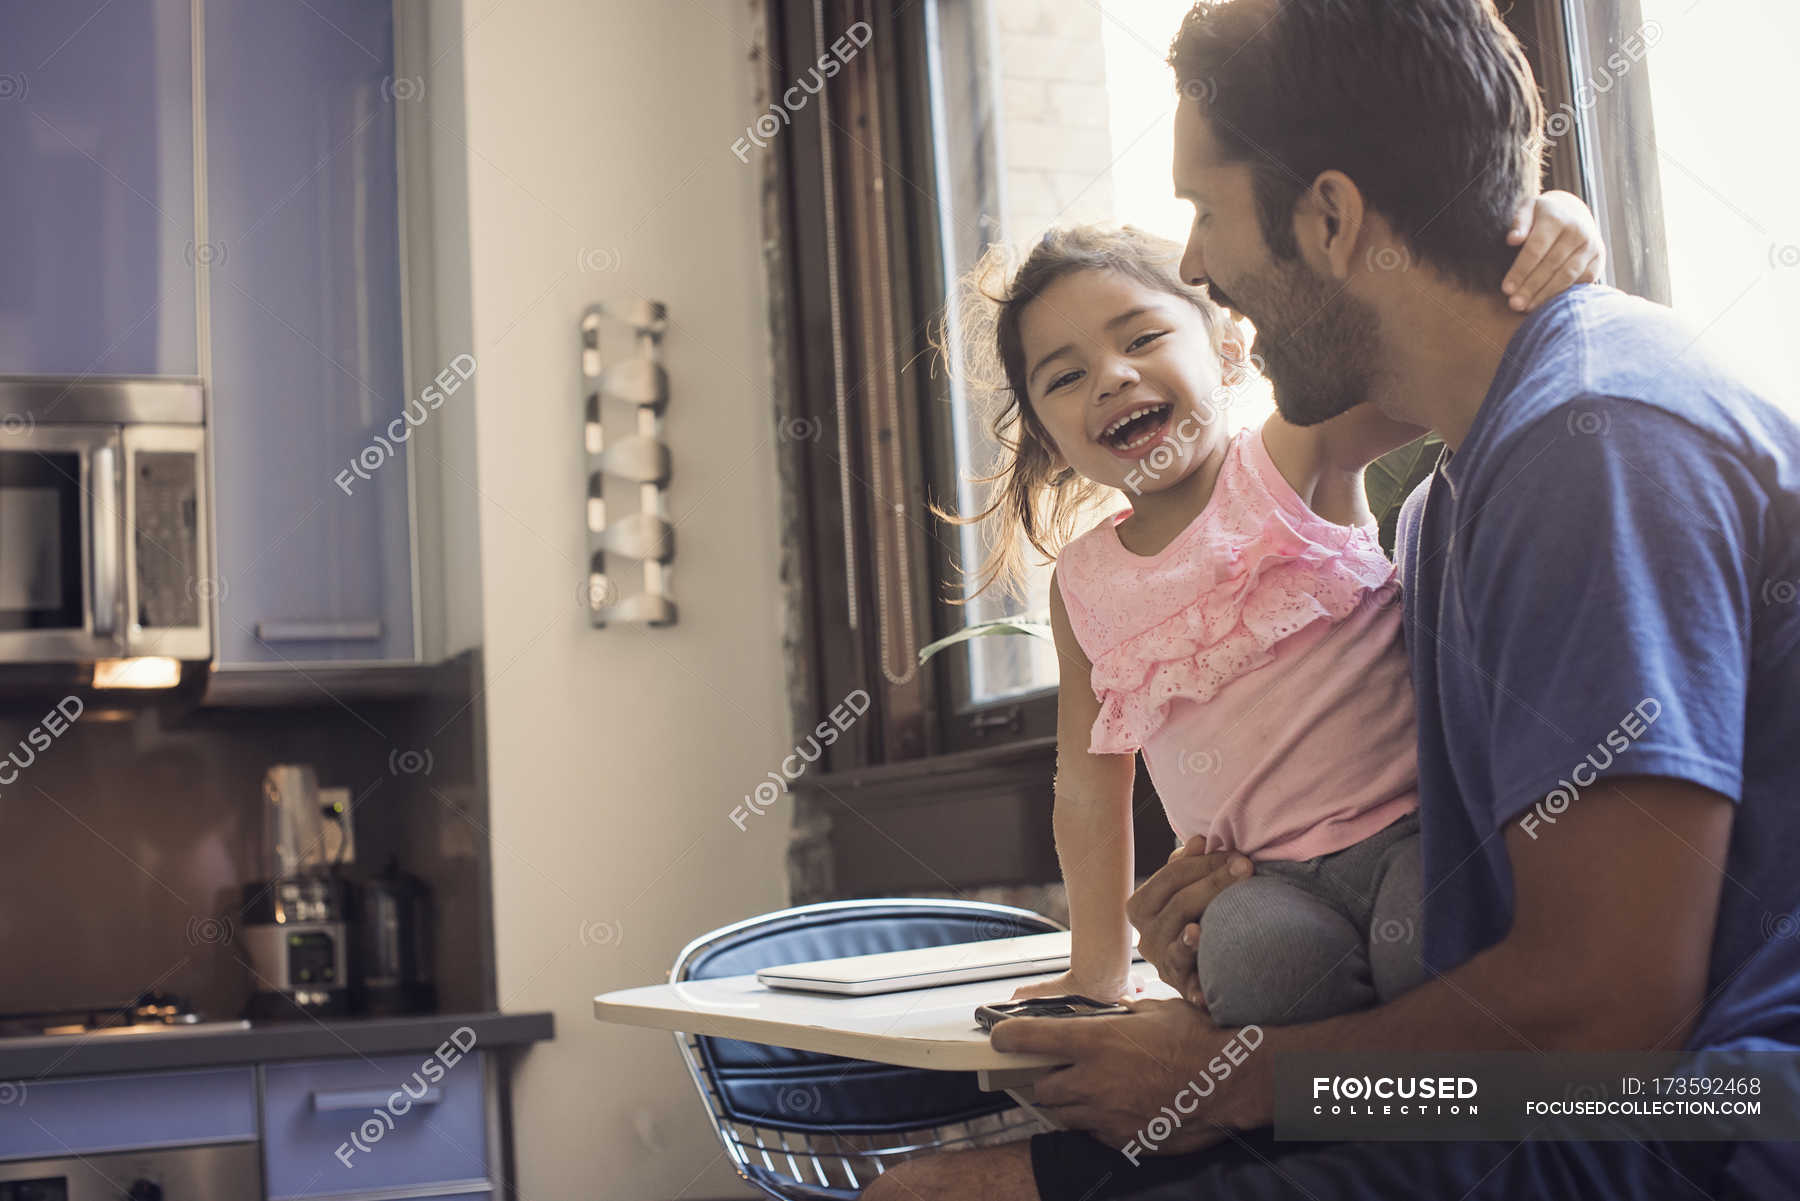 Трахнул сестру в кухне ей понравилось, Трахнул сестру на кухне -видео. Смотреть трахнул 13 фотография